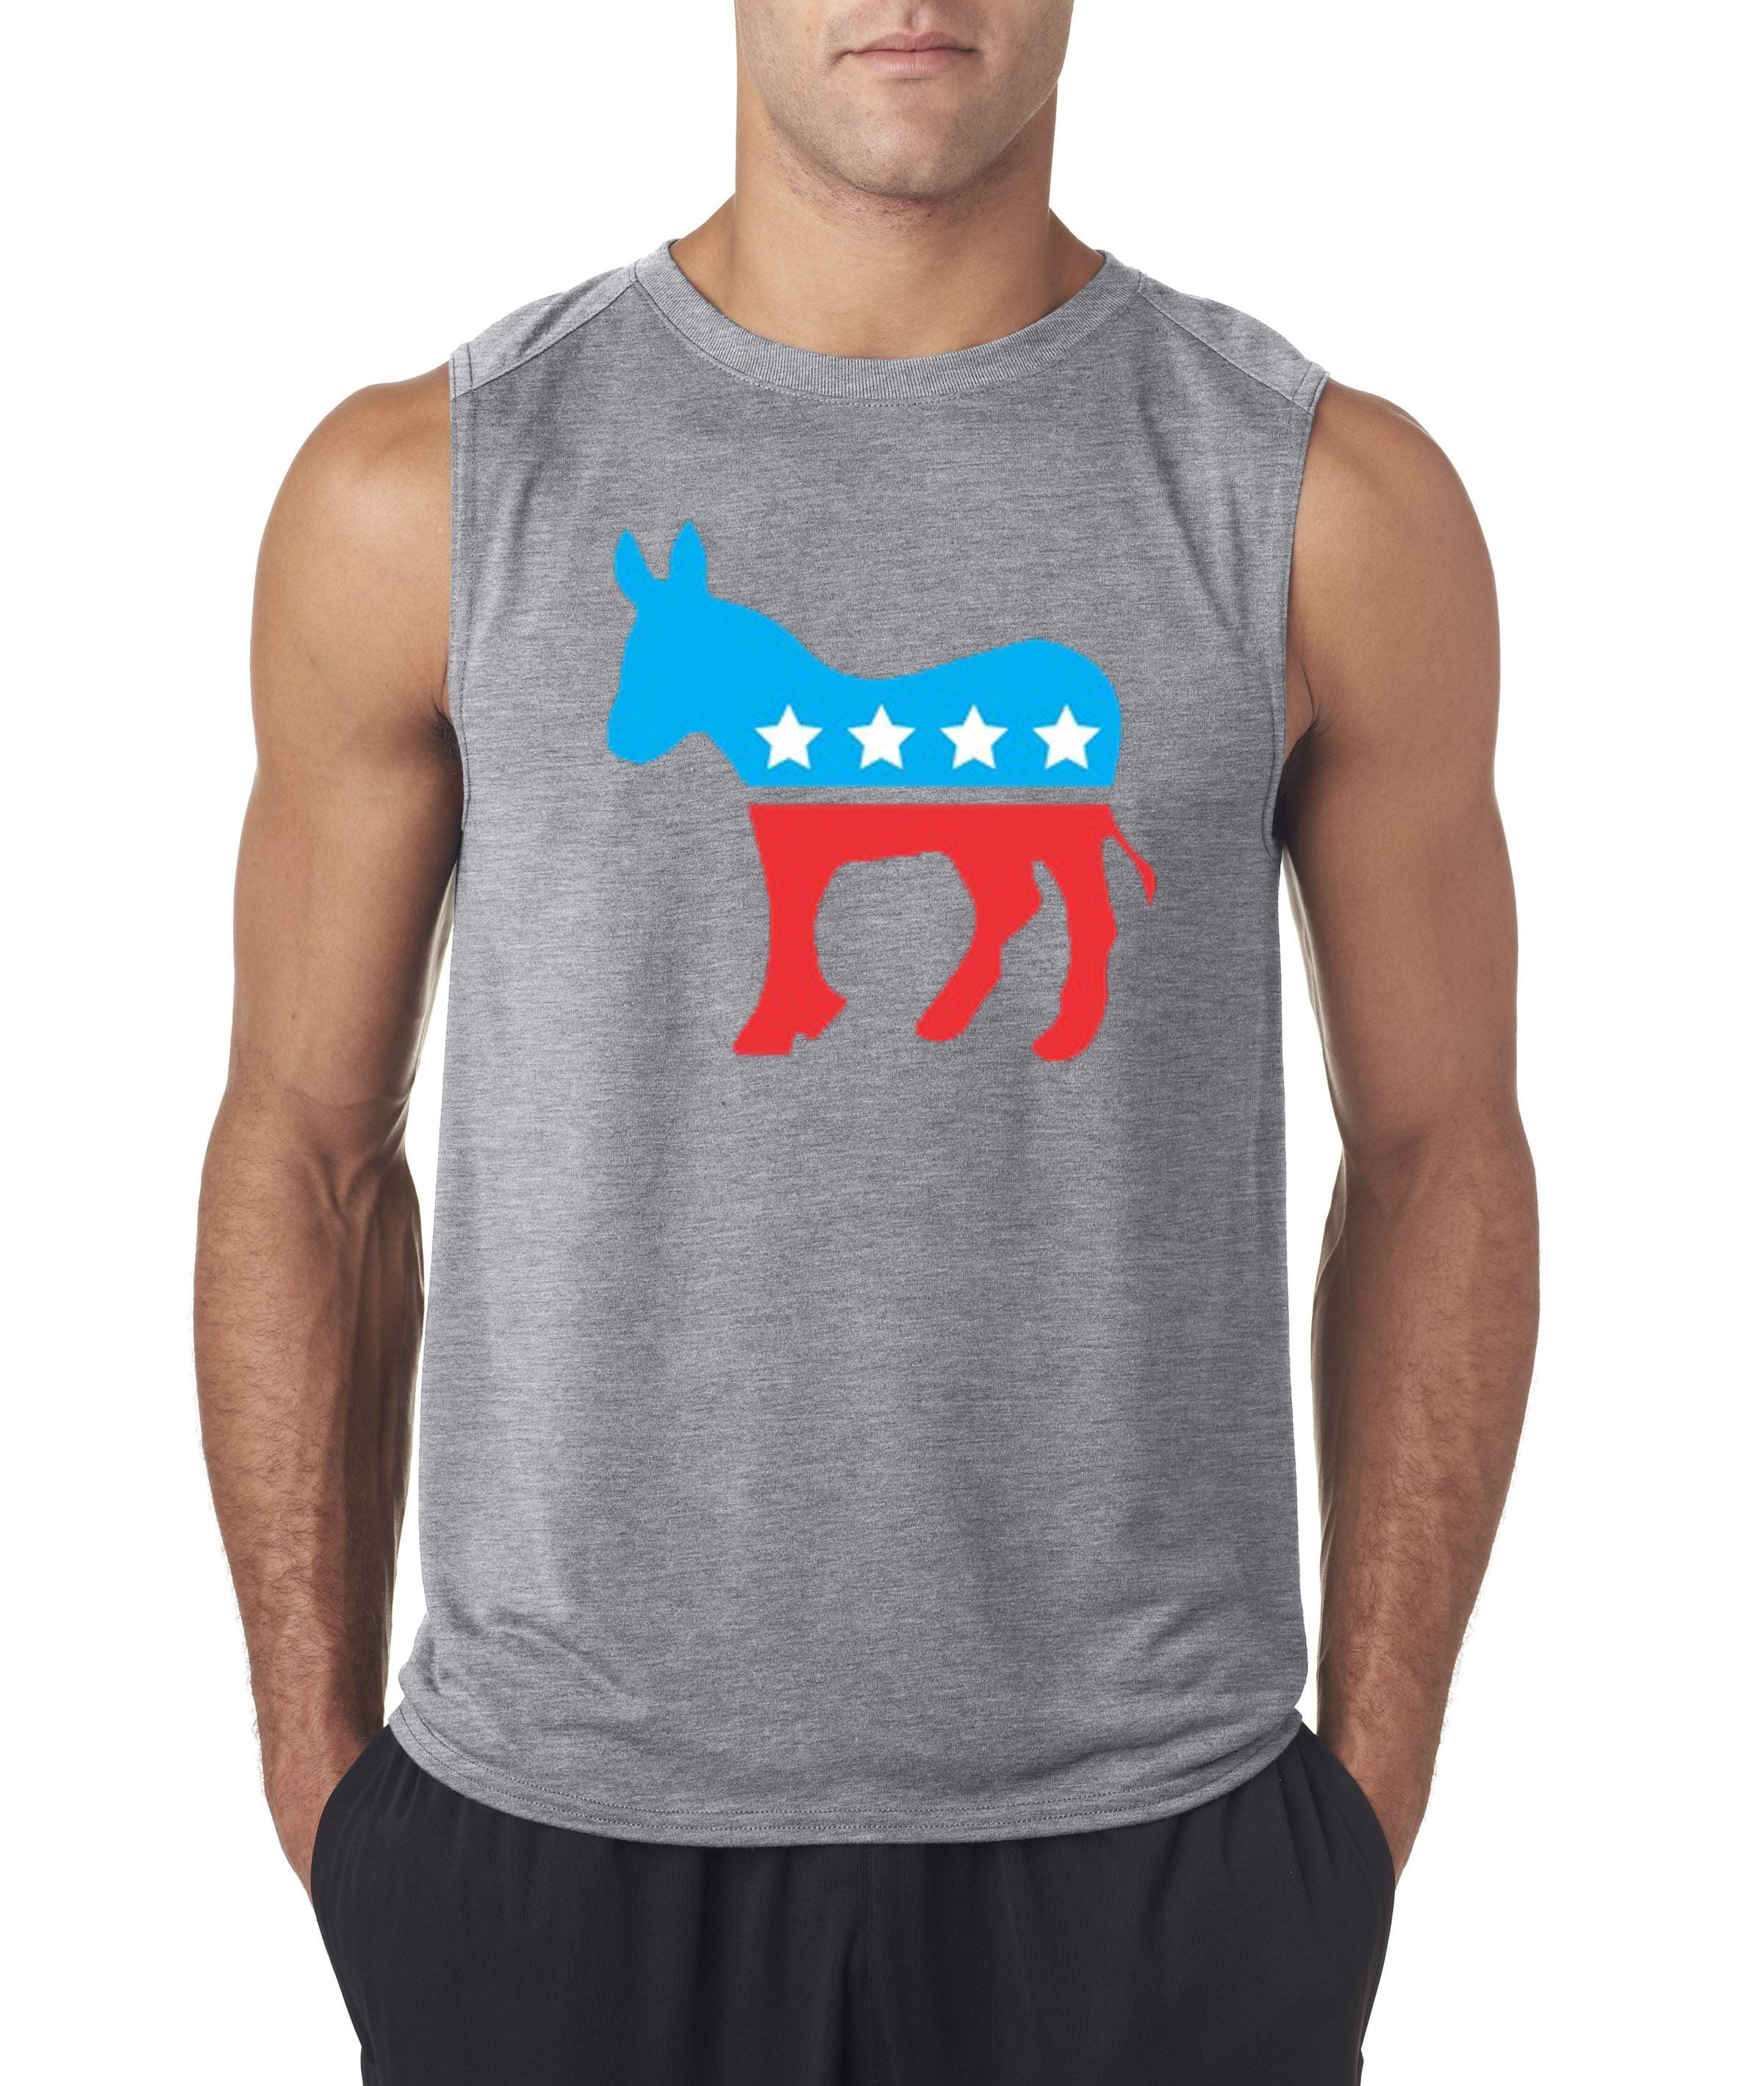 Allwitty 1011 - Men's Sleeveless Democrat Donkey Mascot ...